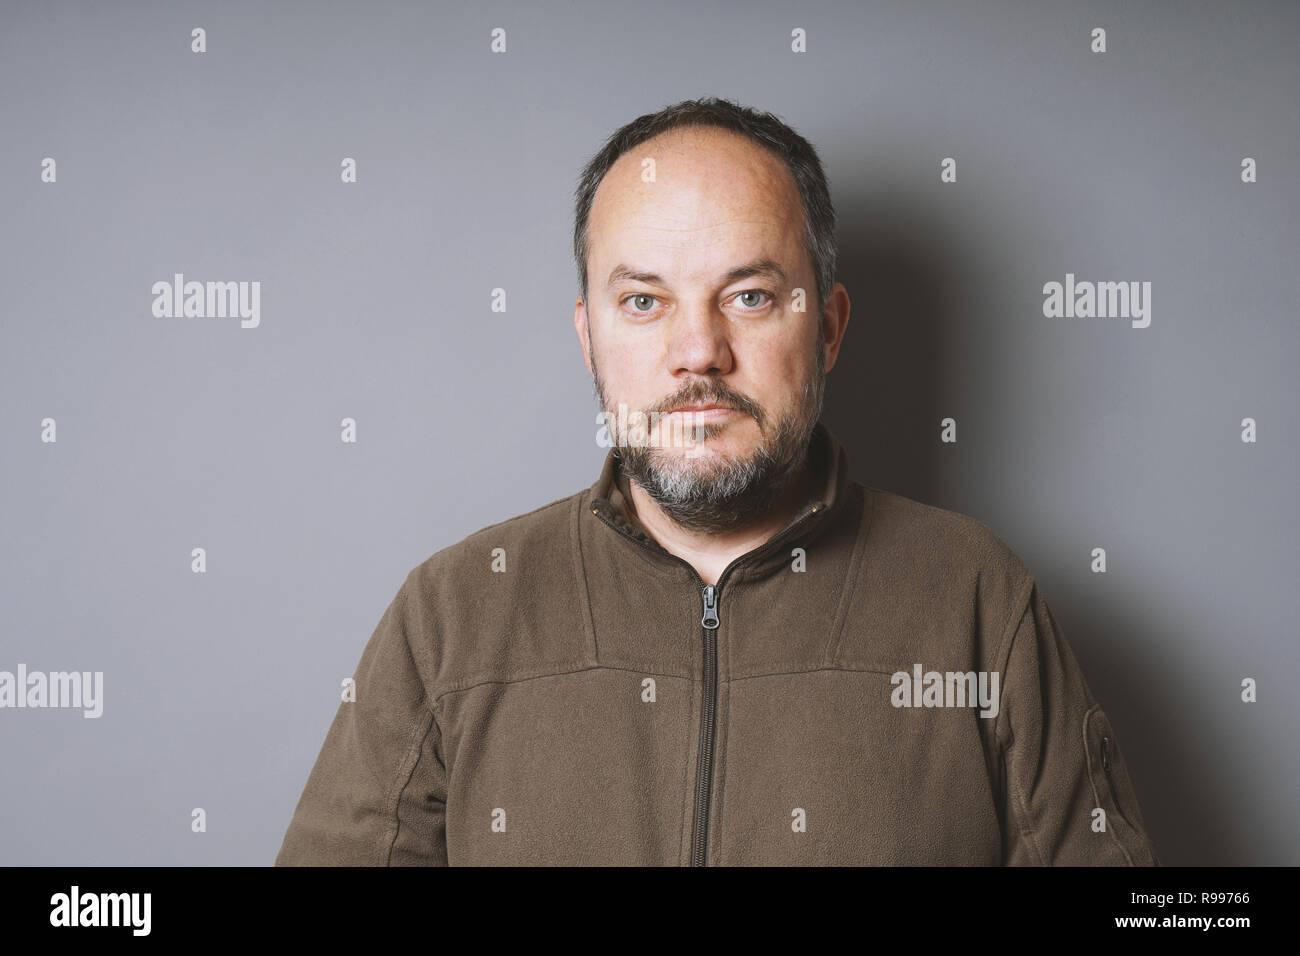 Un varón de mediana edad en su 40s con el cabello oscuro corto y encanecimiento barba contra la pared gris con espacio de copia Imagen De Stock